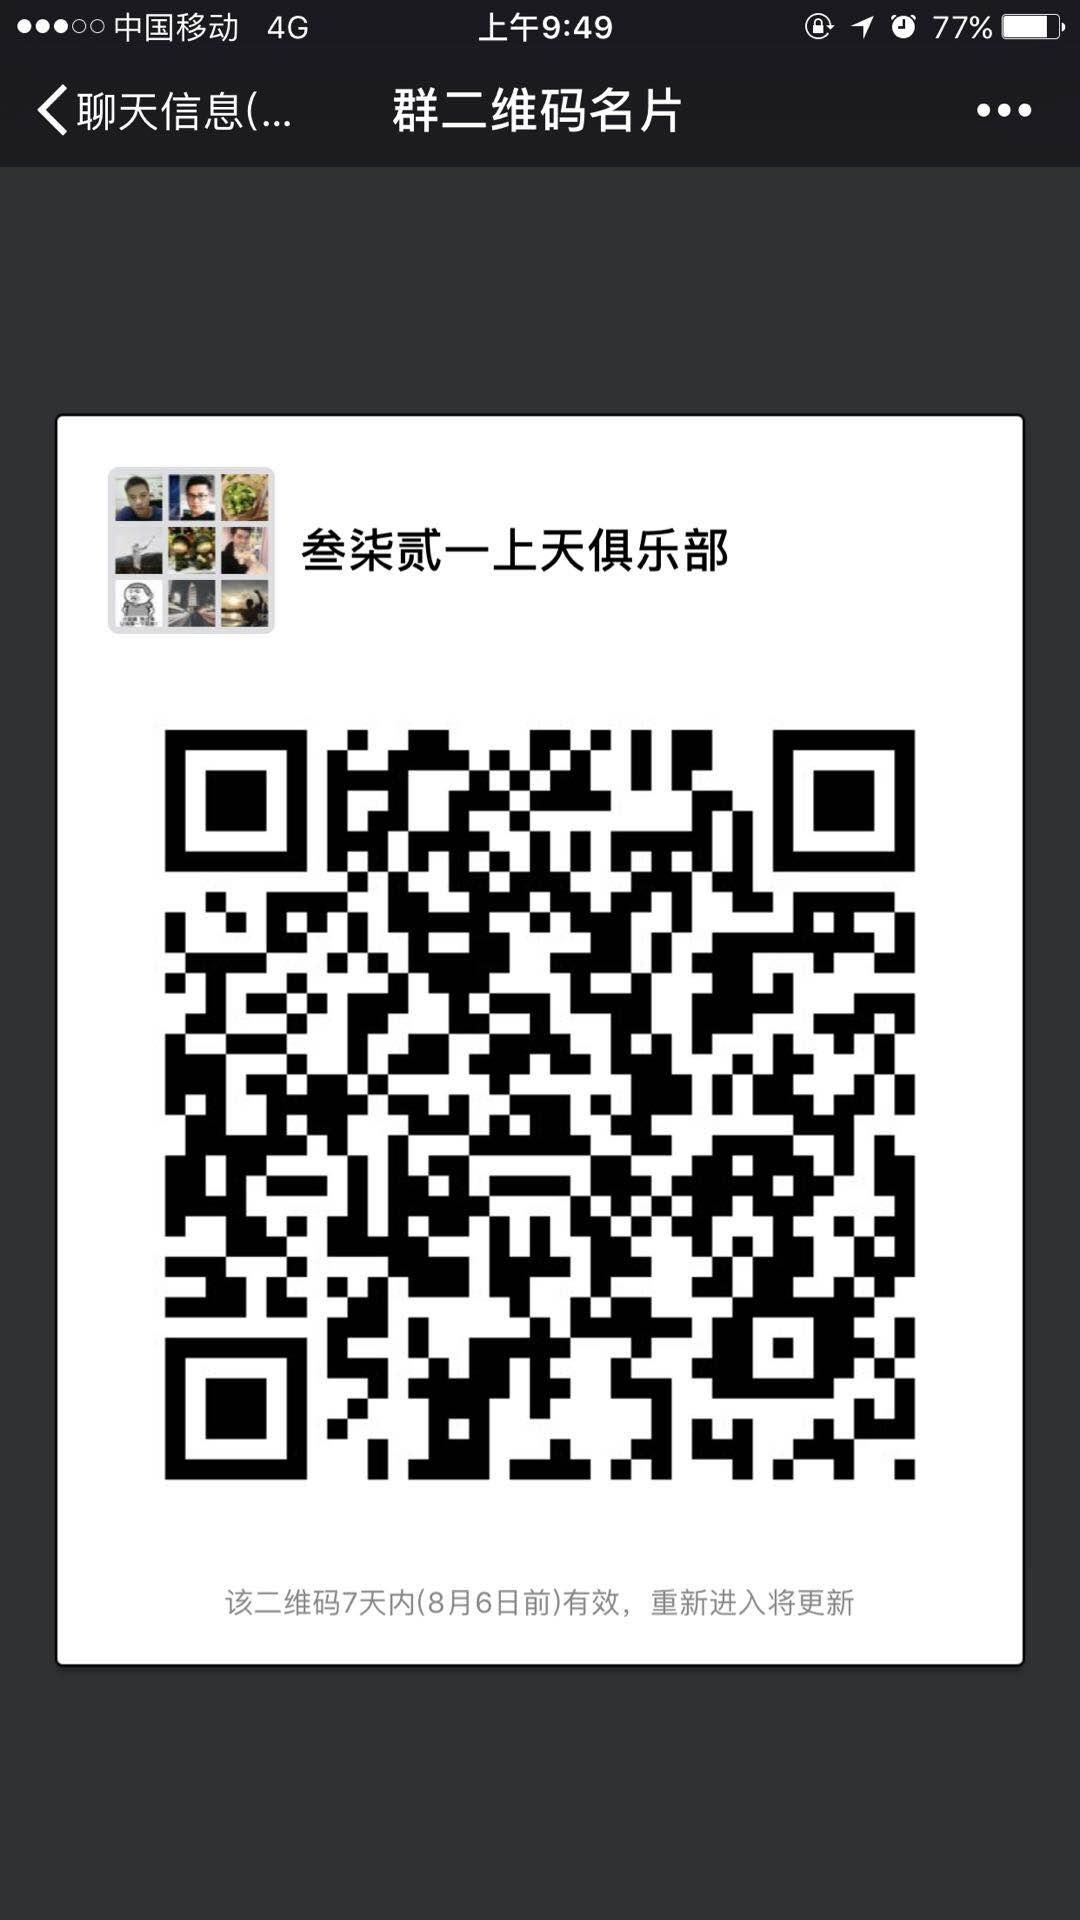 736716956277720446.jpg